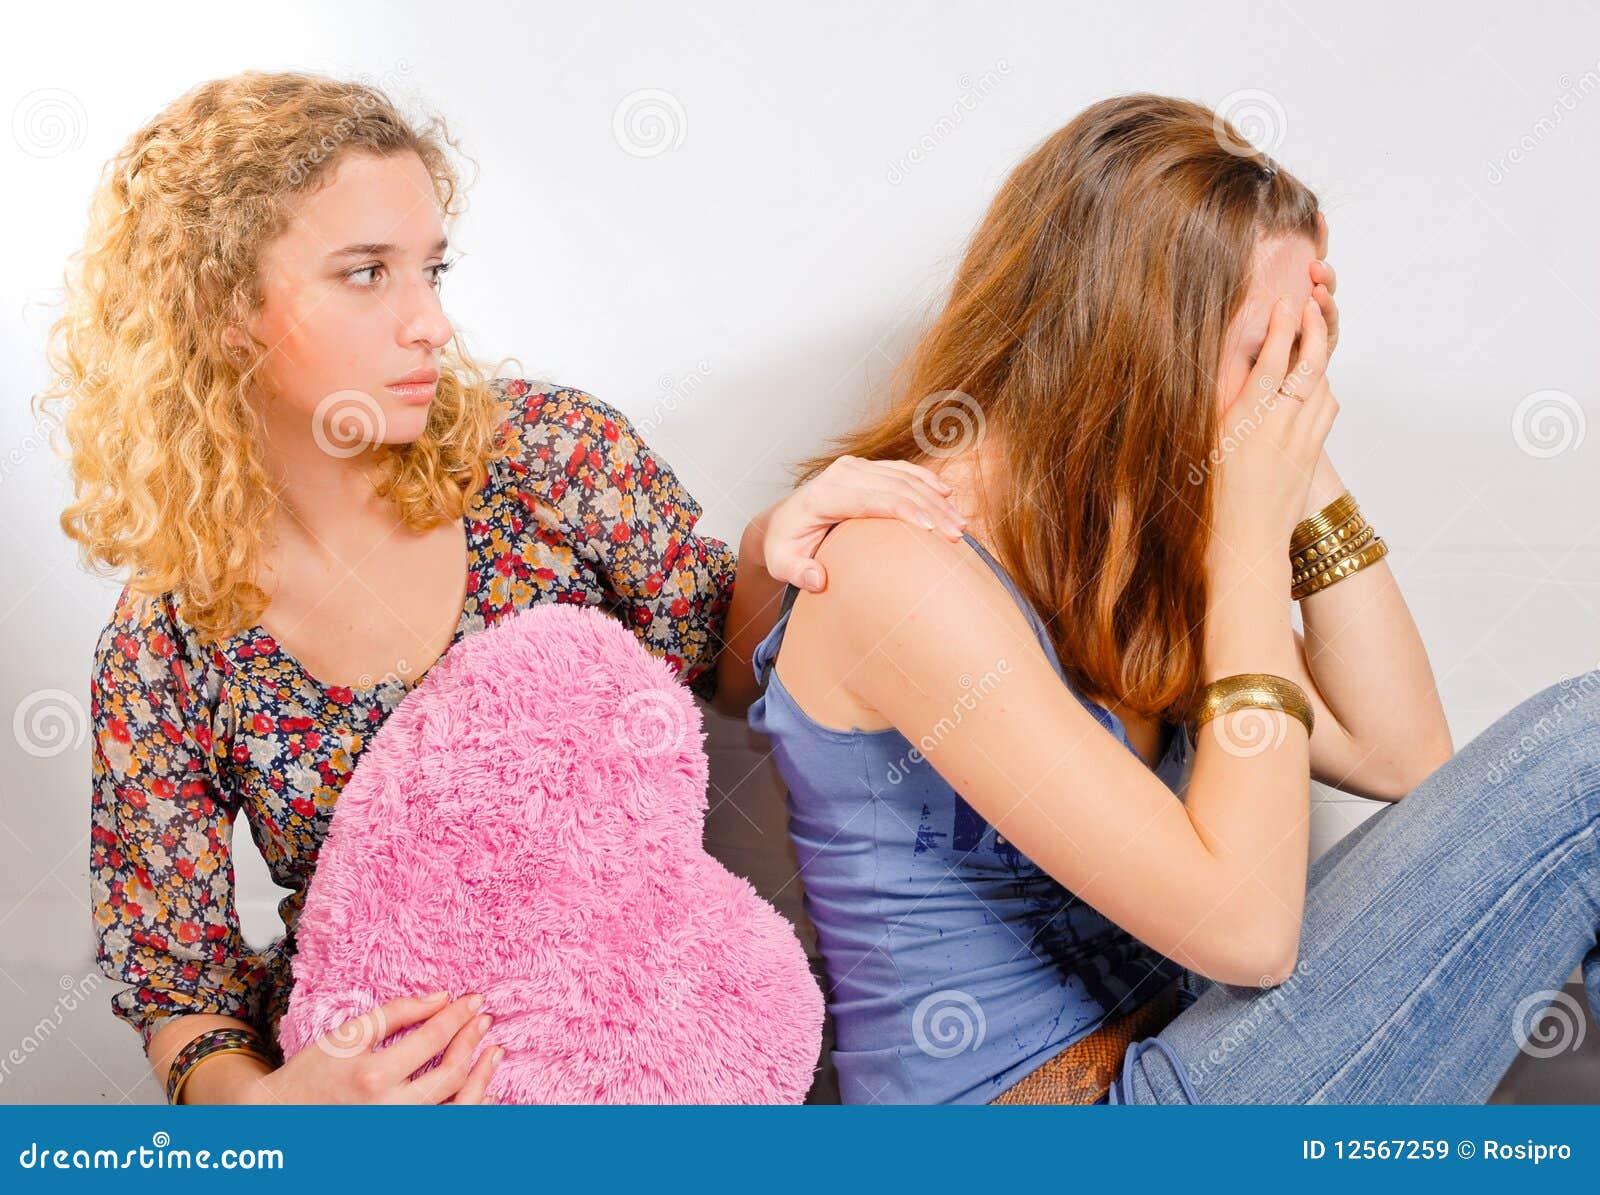 Склонила свою подругу, Сучка склонила девушку к клиторальным лизаниям 23 фотография